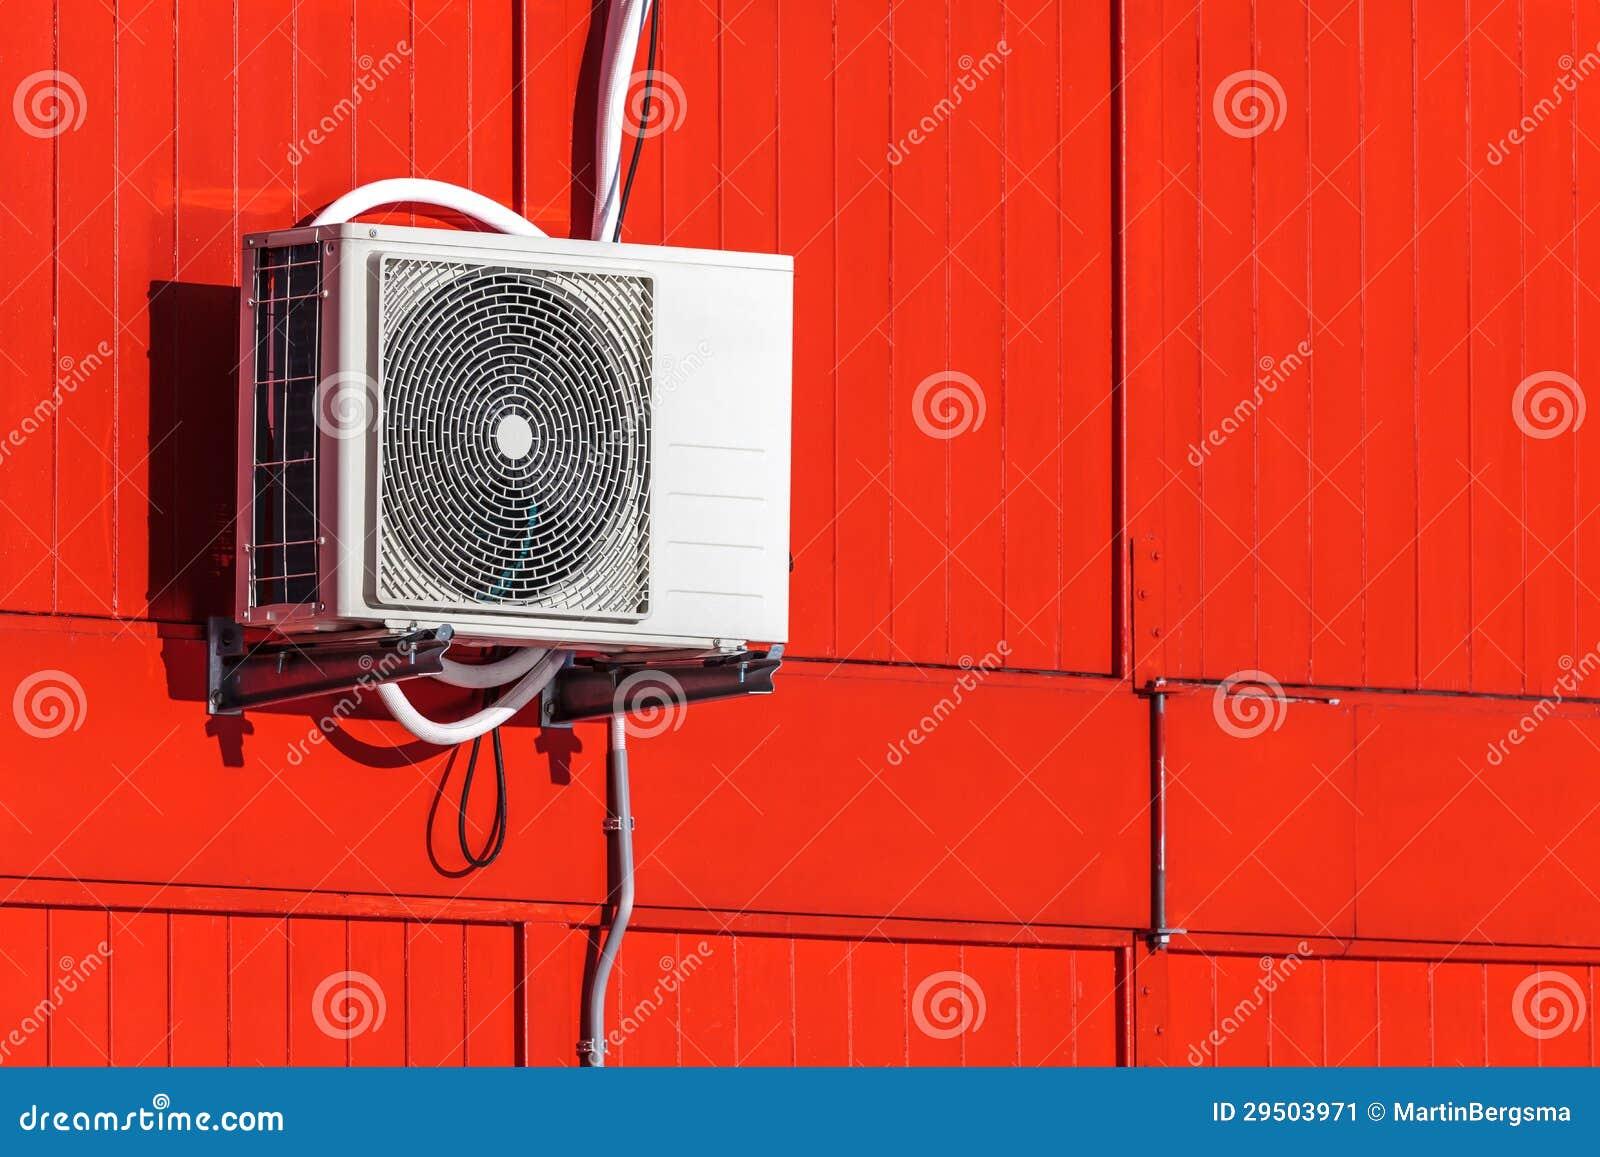 De eenheid van de airconditioning op een rode muur